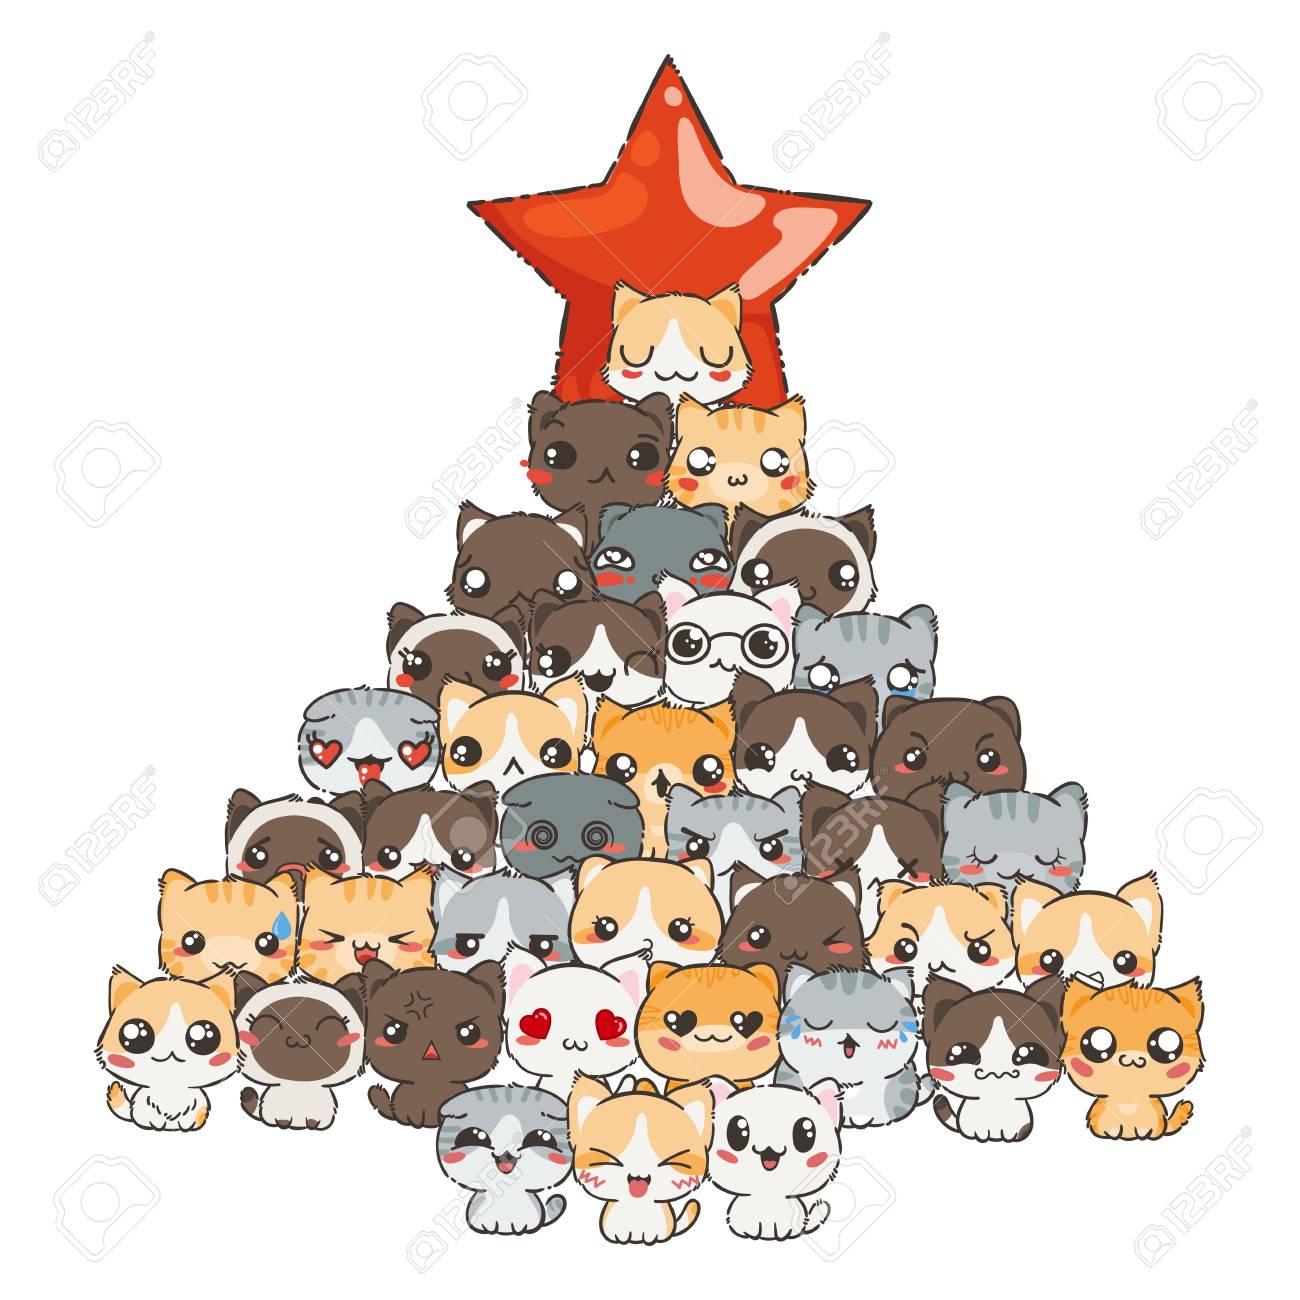 a4a1f91a279ff Patrón De Vector Para Impresión. Ilustración Con Gatos Y Perros Para El  Diseño De Carteles